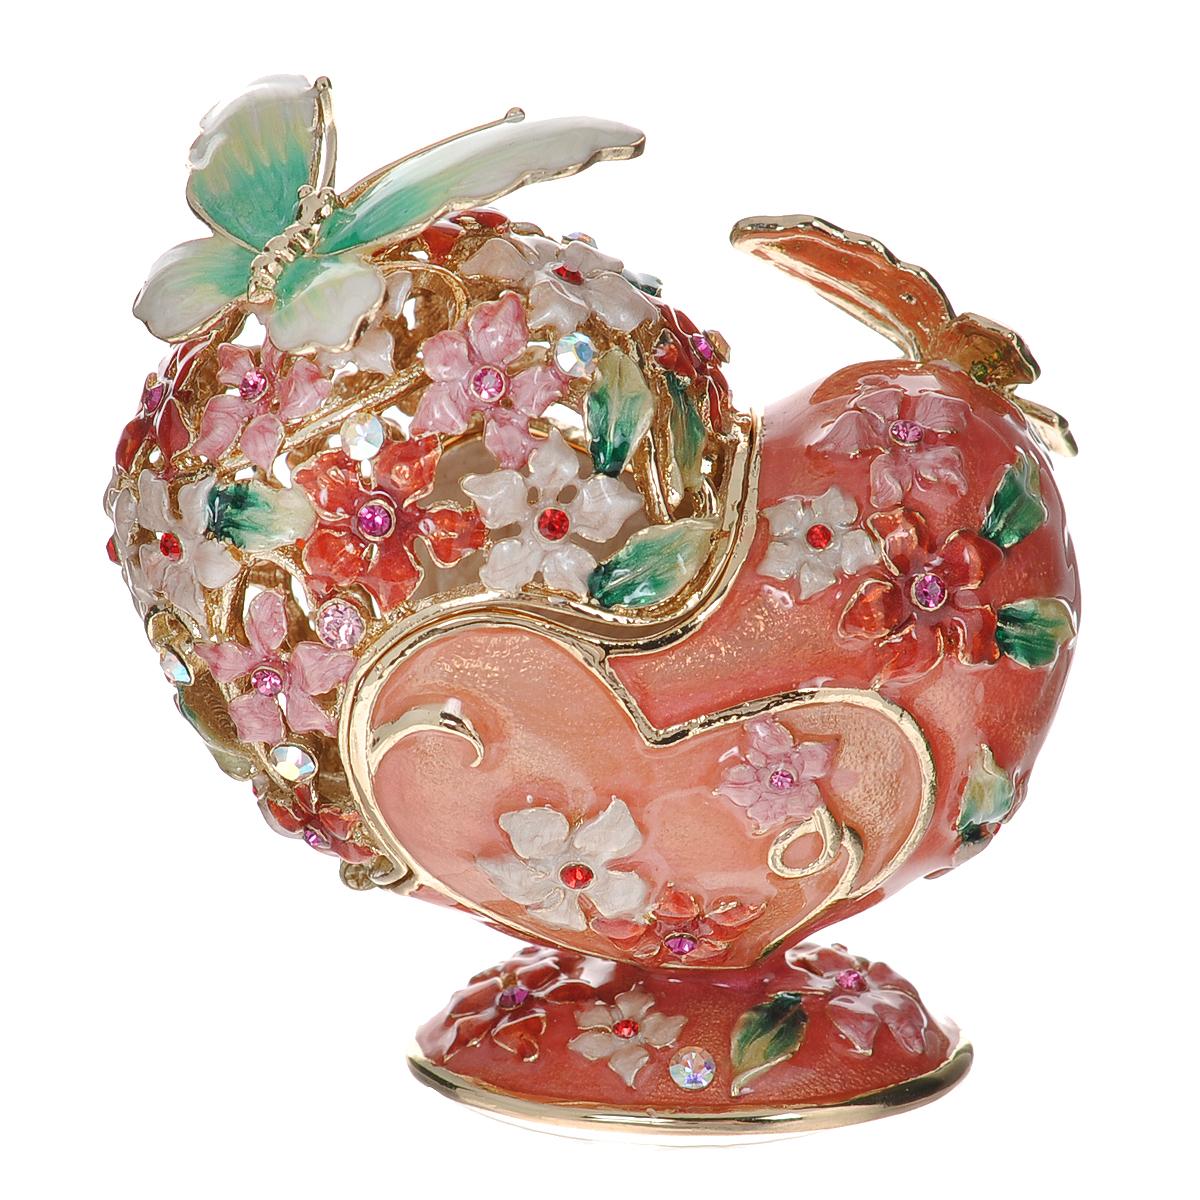 Шкатулка Сердце, цвет: розовый, 6 х 3,5 х 6,5 см 6412264122Шкатулка Сердце изготовлена из металла, покрытого эмалью розового цвета. Крышка оформлена перфорацией в виде разноцветных цветов, украшенных стразами. На магниты крепятся фигурки бабочек зеленого цвета. Закрывается крышка также на магнит. Изящная шкатулка прекрасно подойдет для хранения колец. Такая оригинальная изысканная шкатулка, несомненно, понравится всем любительницам необычных вещиц. Шкатулка упакована в подарочную коробку золотистого цвета, задрапированную бежевой атласной тканью. Характеристики: Материал: металл (сплав олова), стекло. Цвет: розовый. Размер шкатулки (ДхШхВ): 6 см х 3,5 см х 6,5 см. Размер упаковки: 9,5 см х 9 см х 10 см. Артикул: 64122.